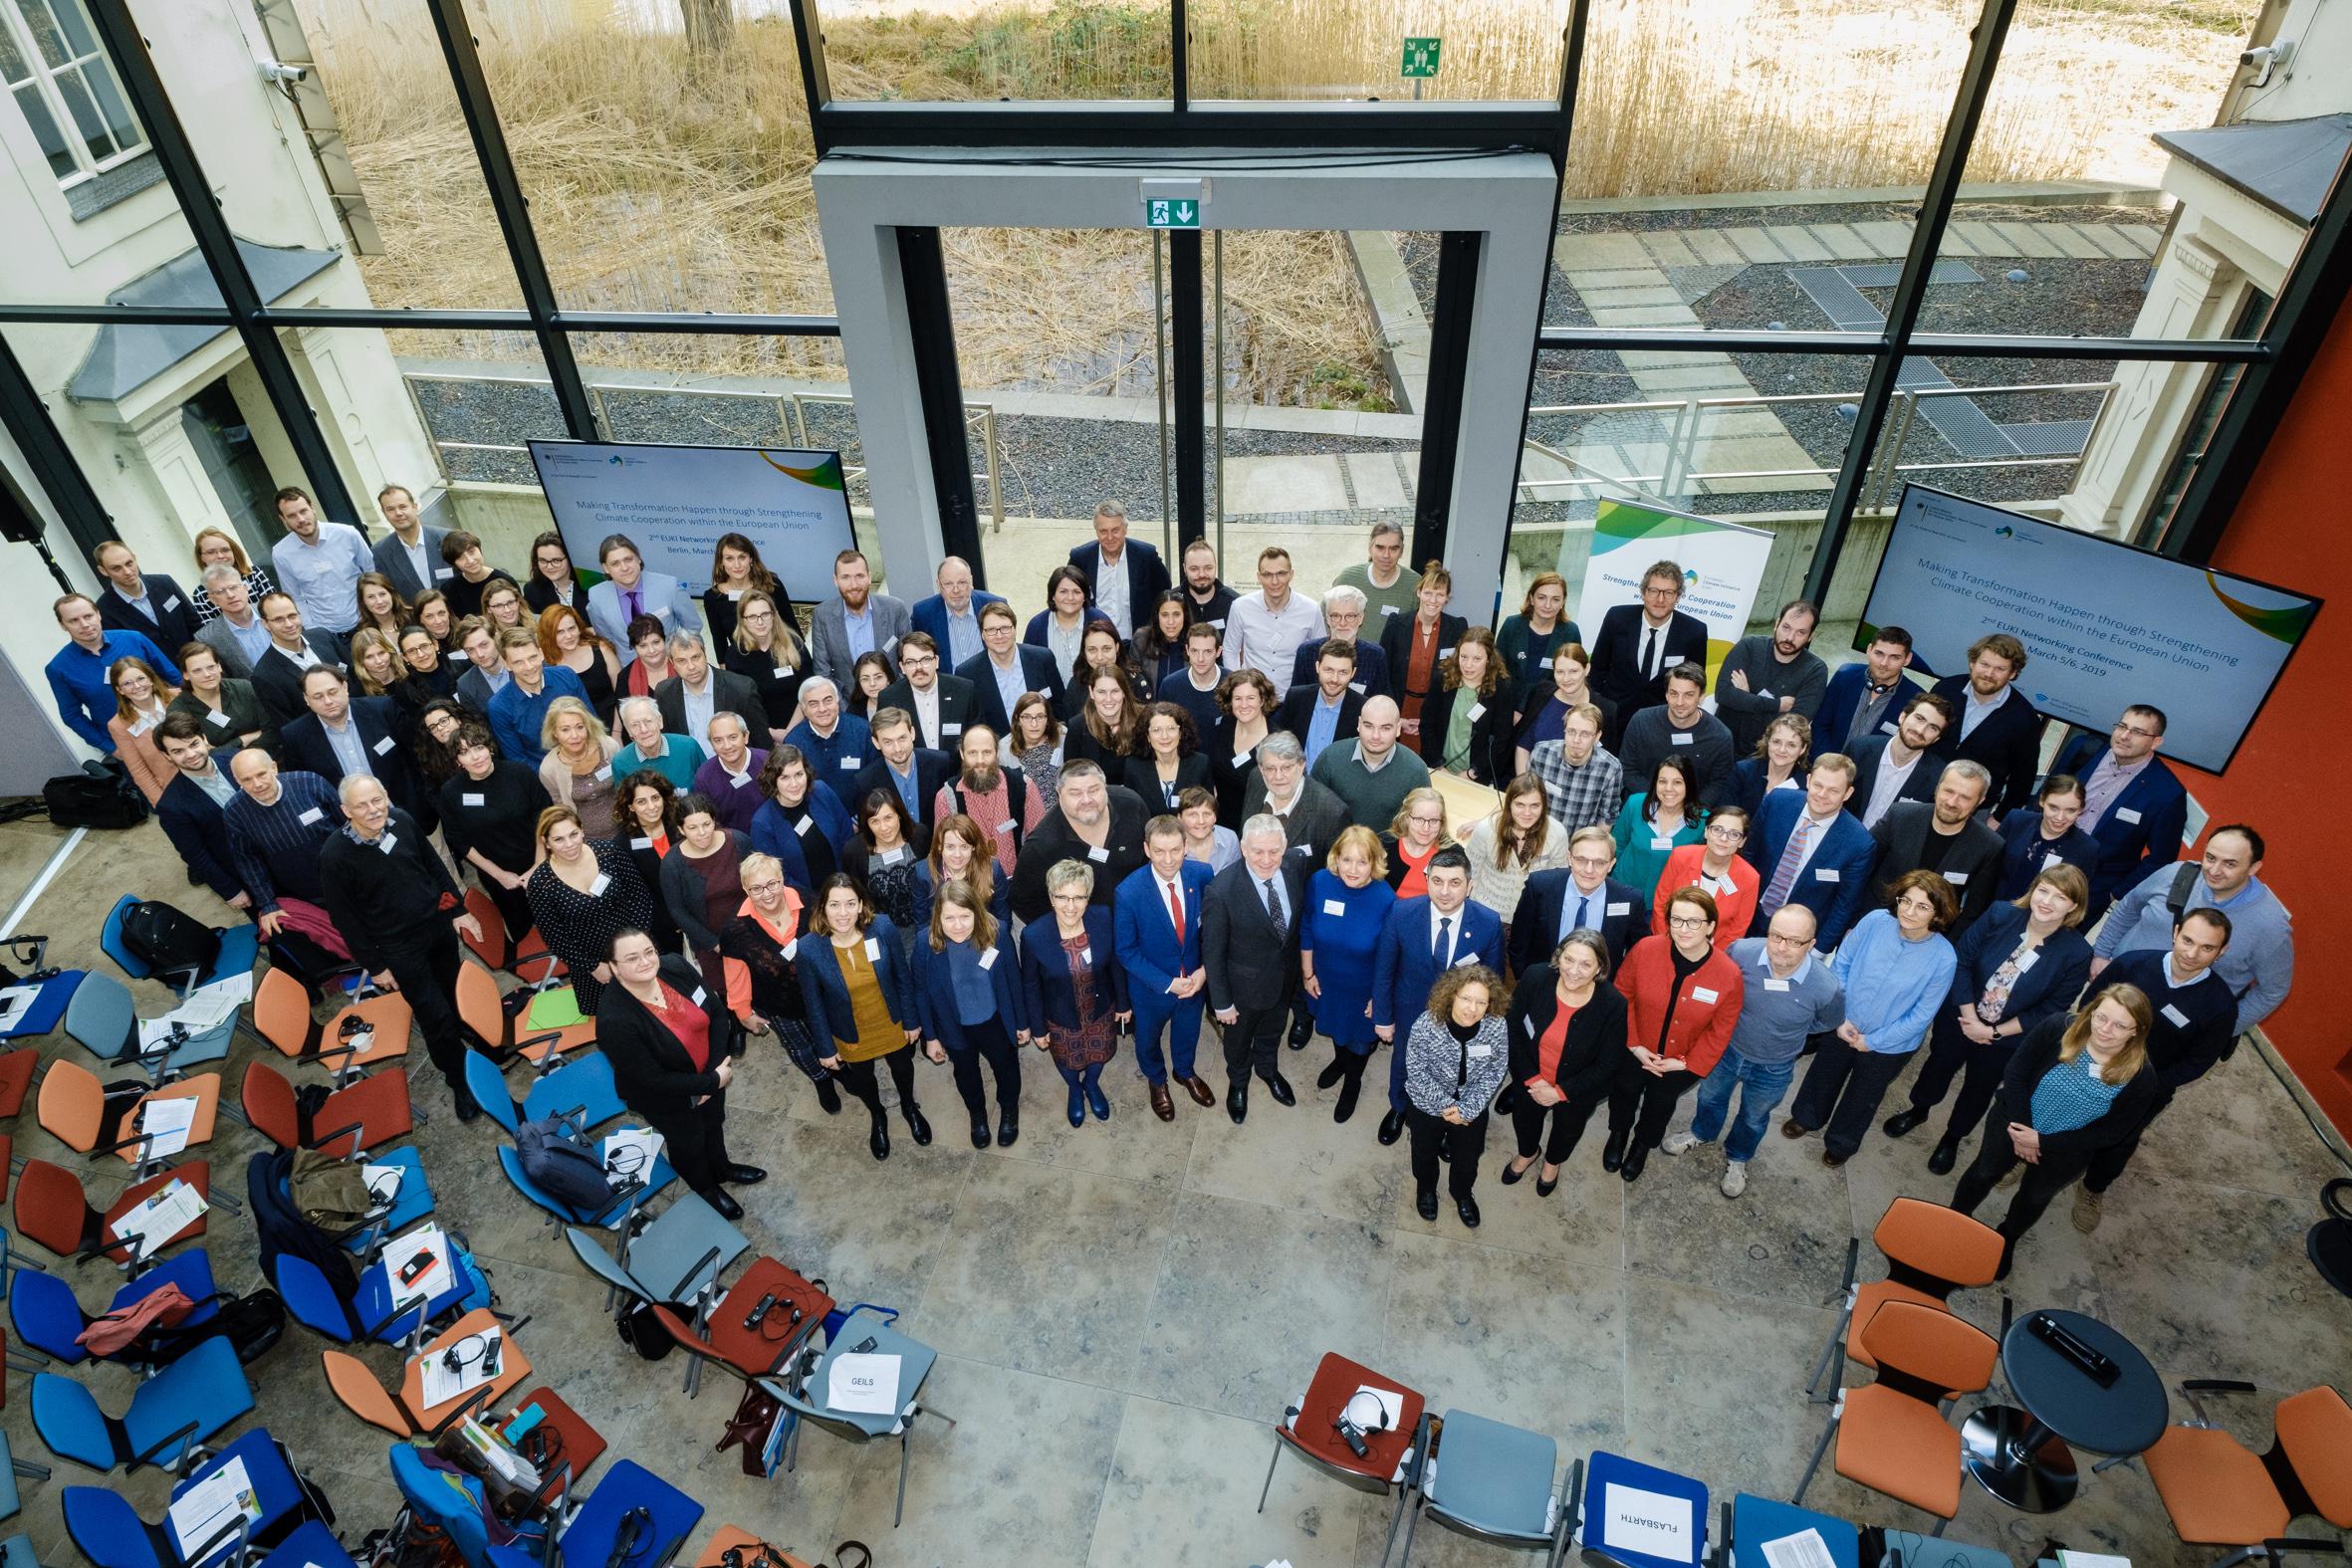 Gruppenfoto der Konferenz